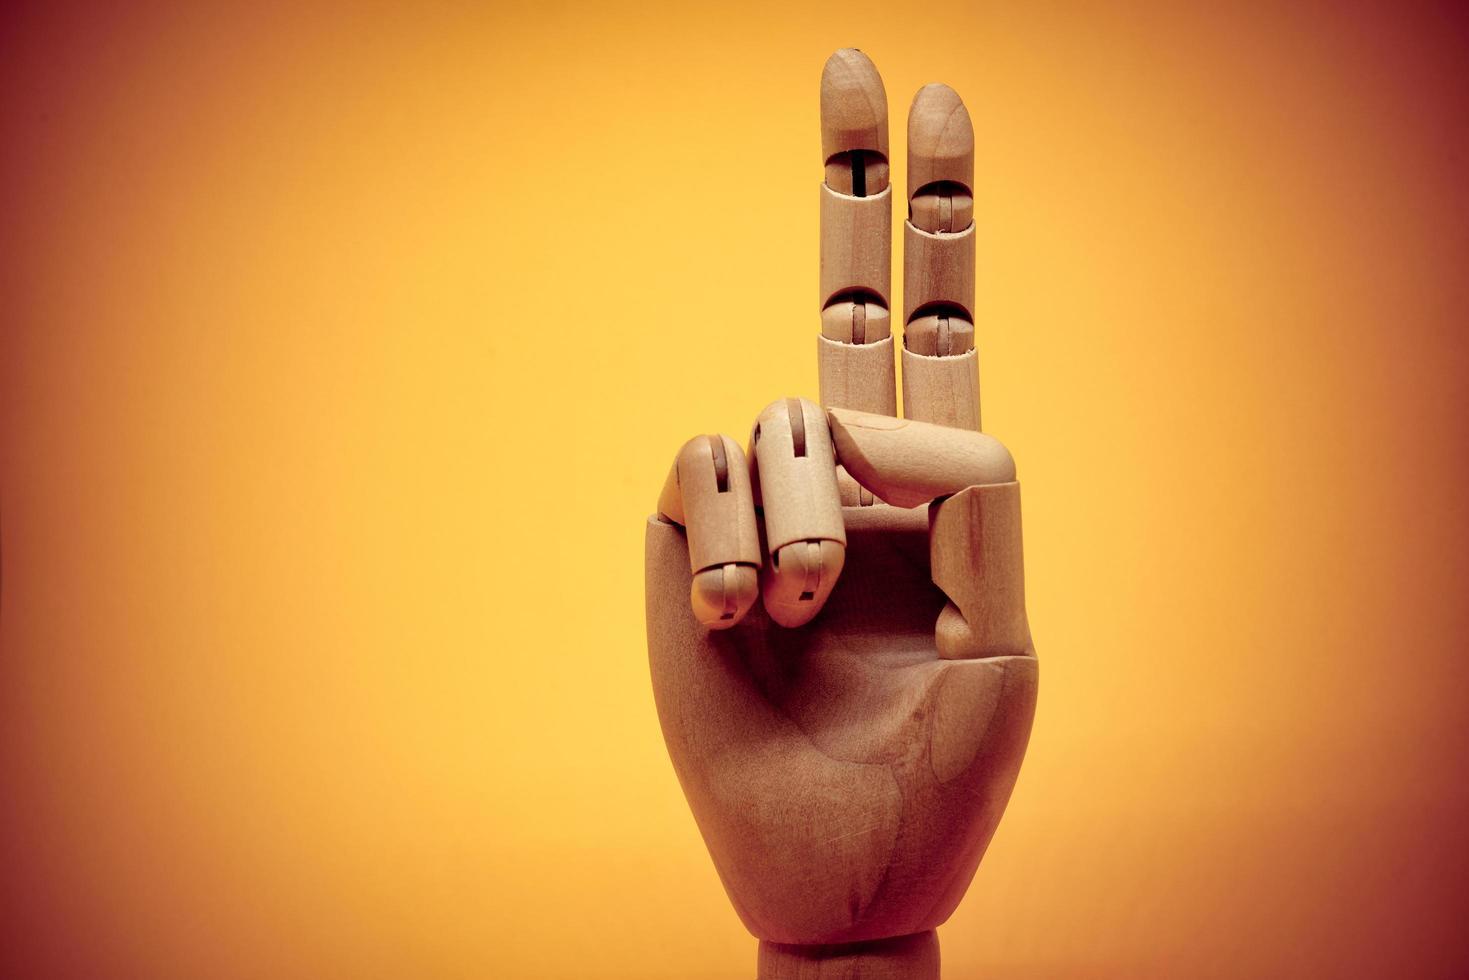 houten hand 2 vingers omhoog foto